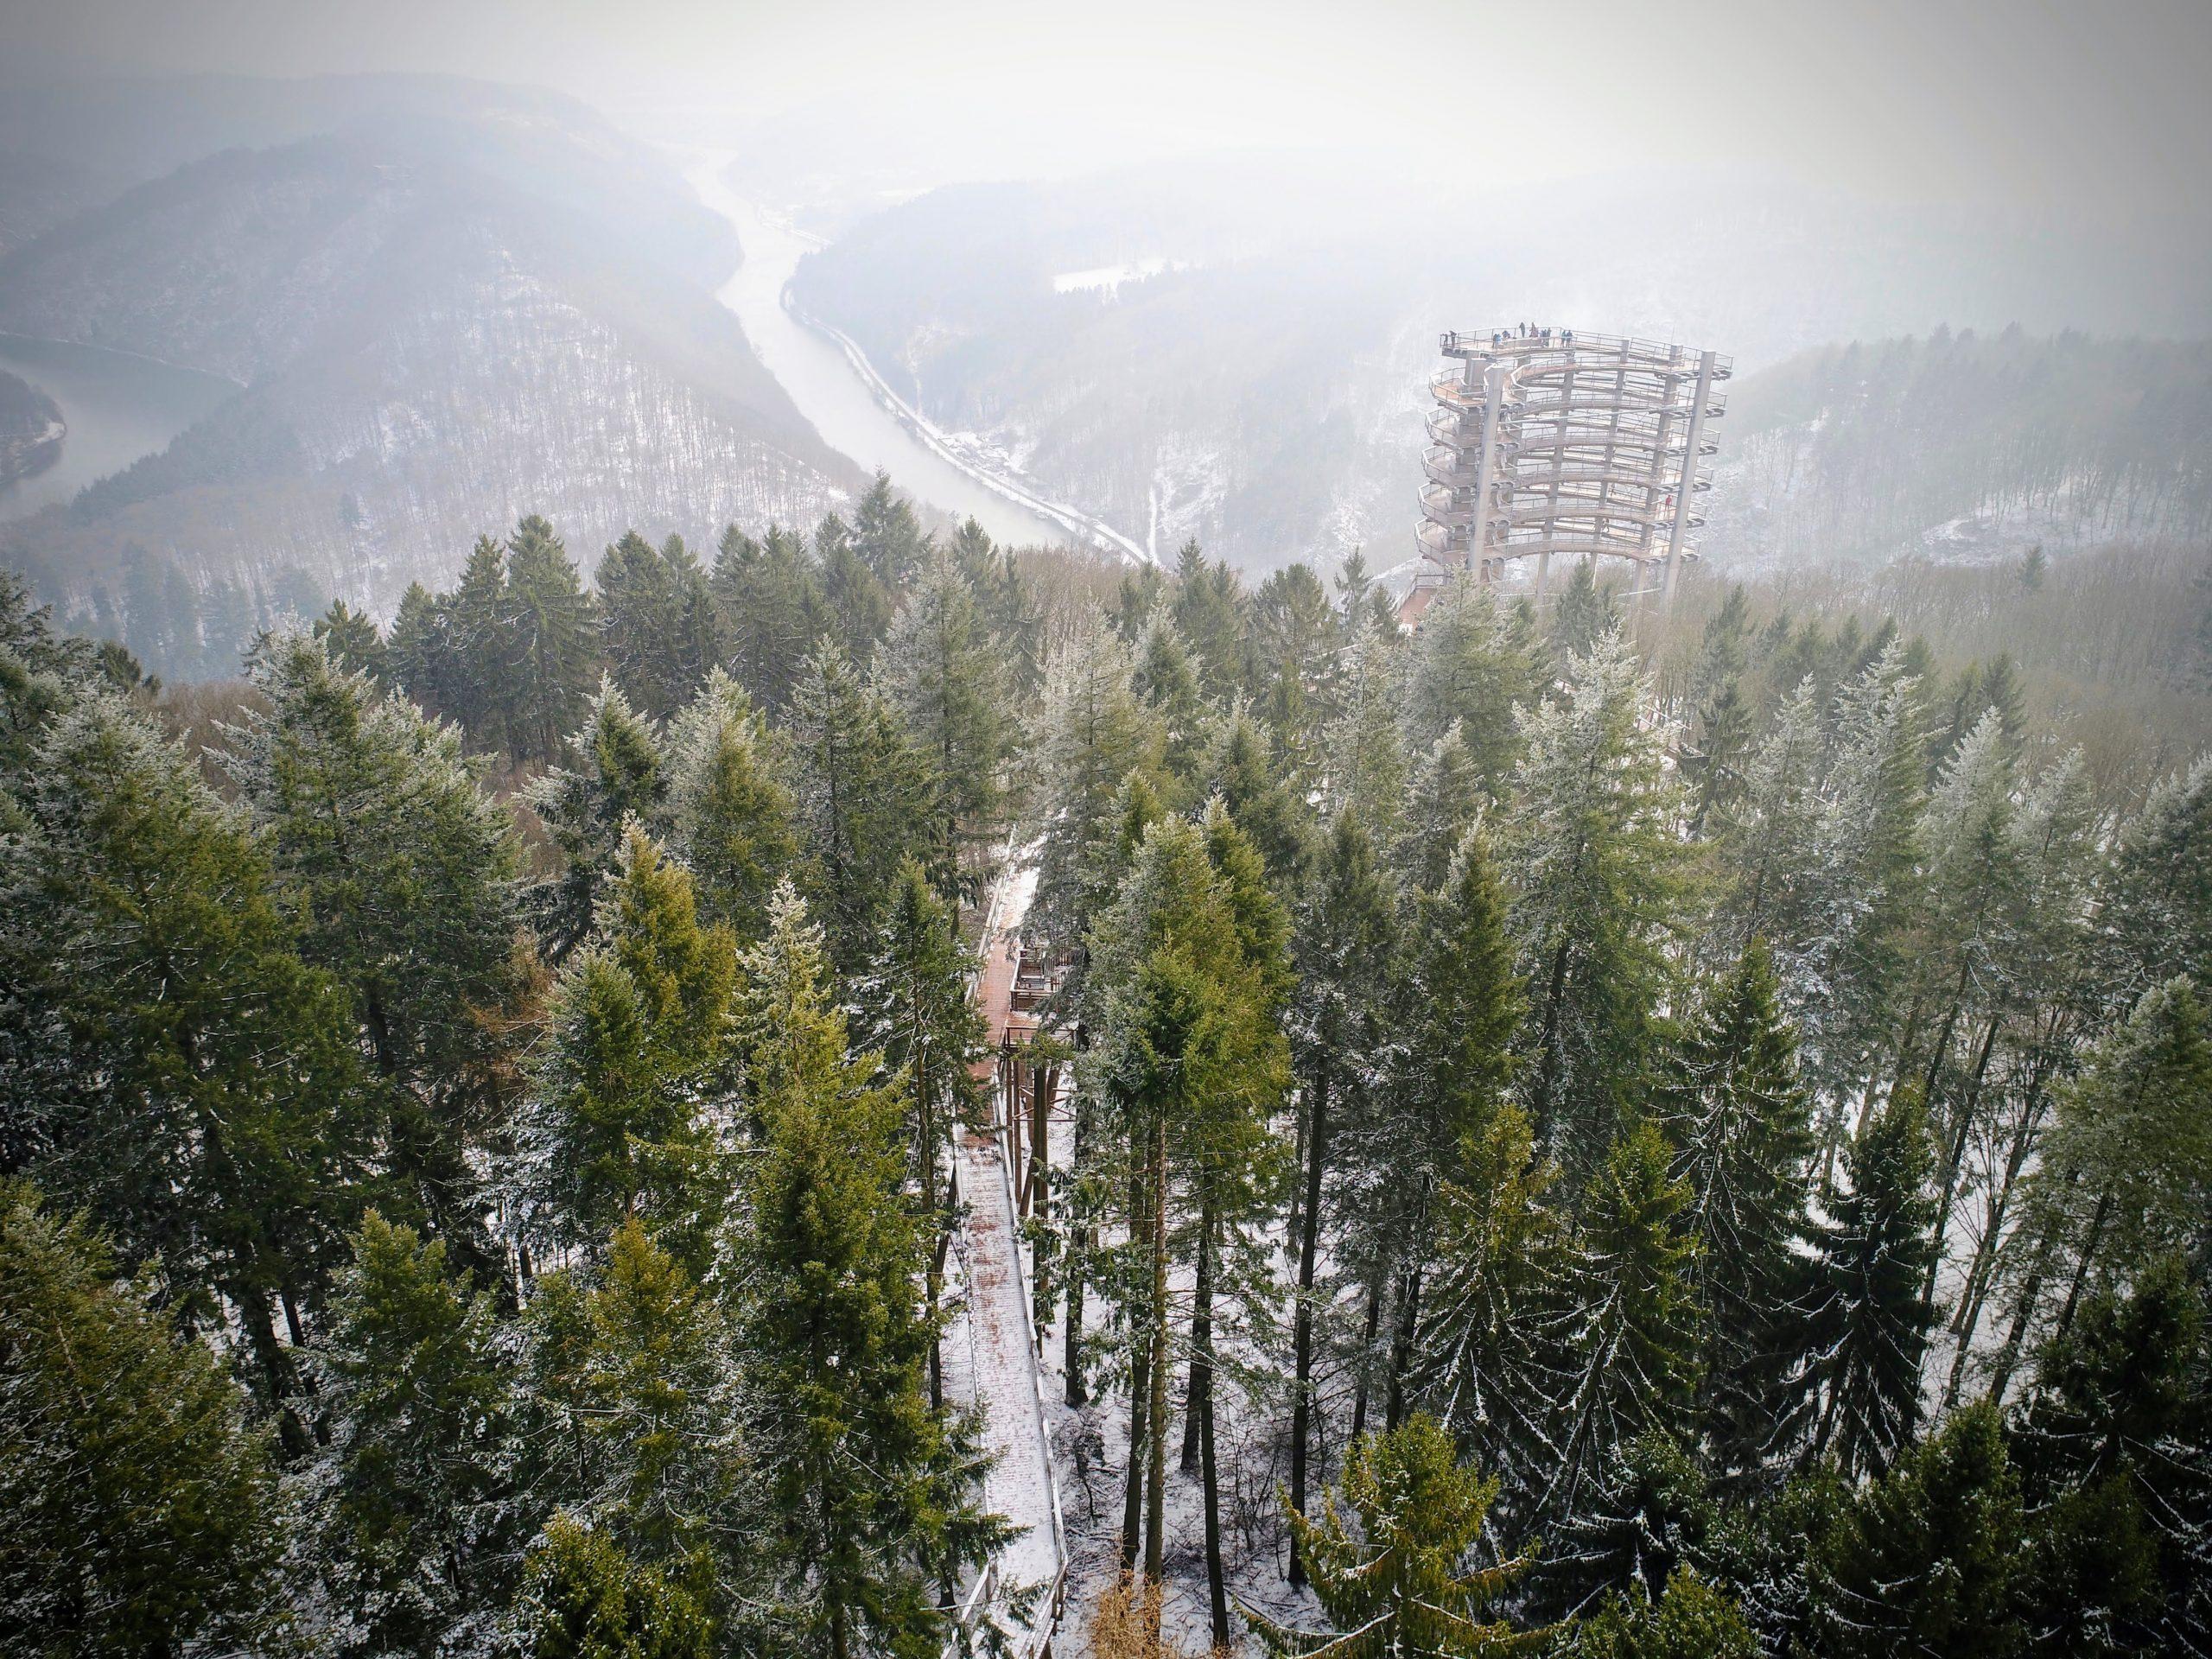 Germany's Saarschleife Treetop Walk